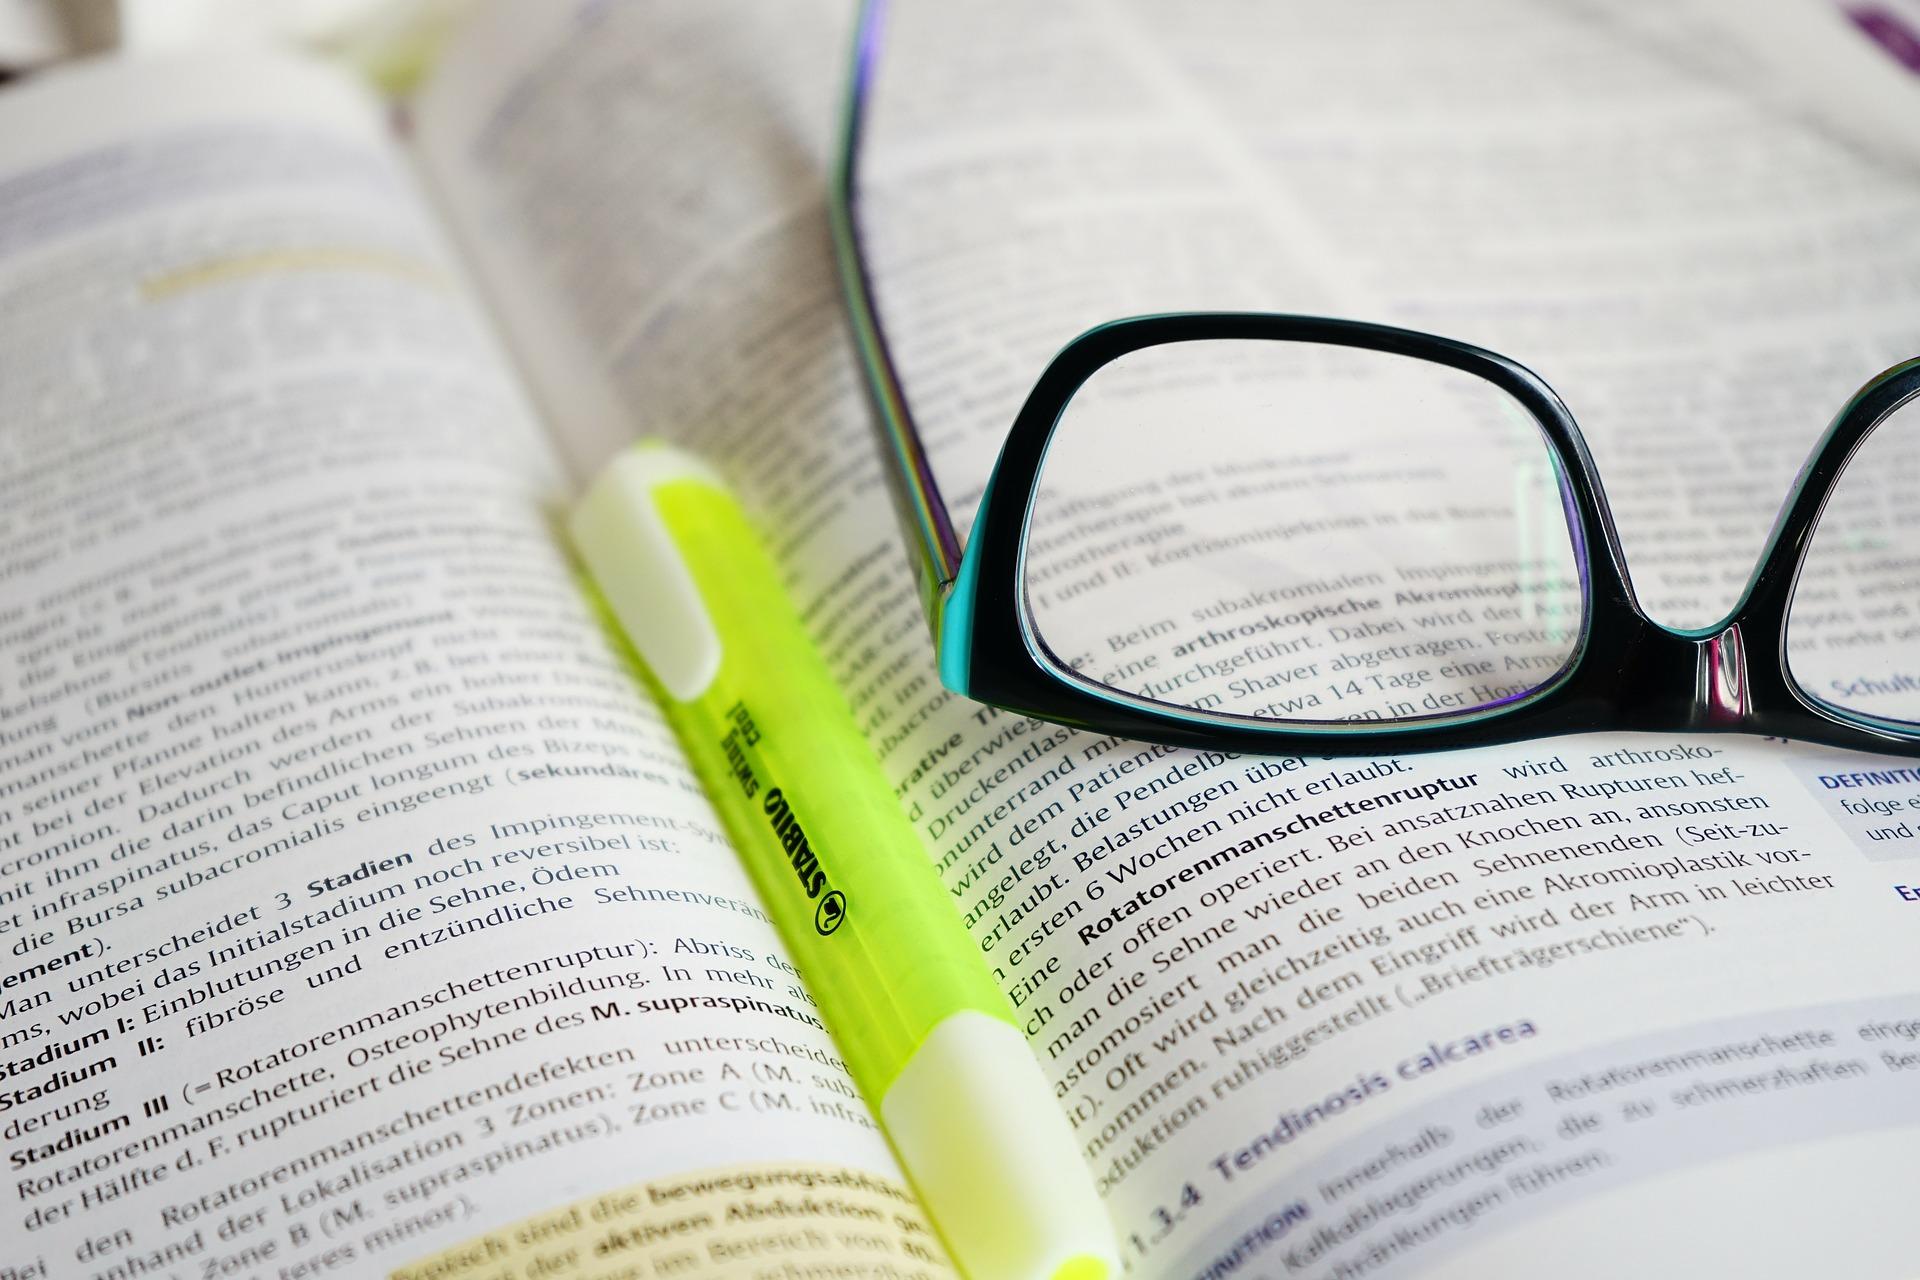 mais foco na leitura